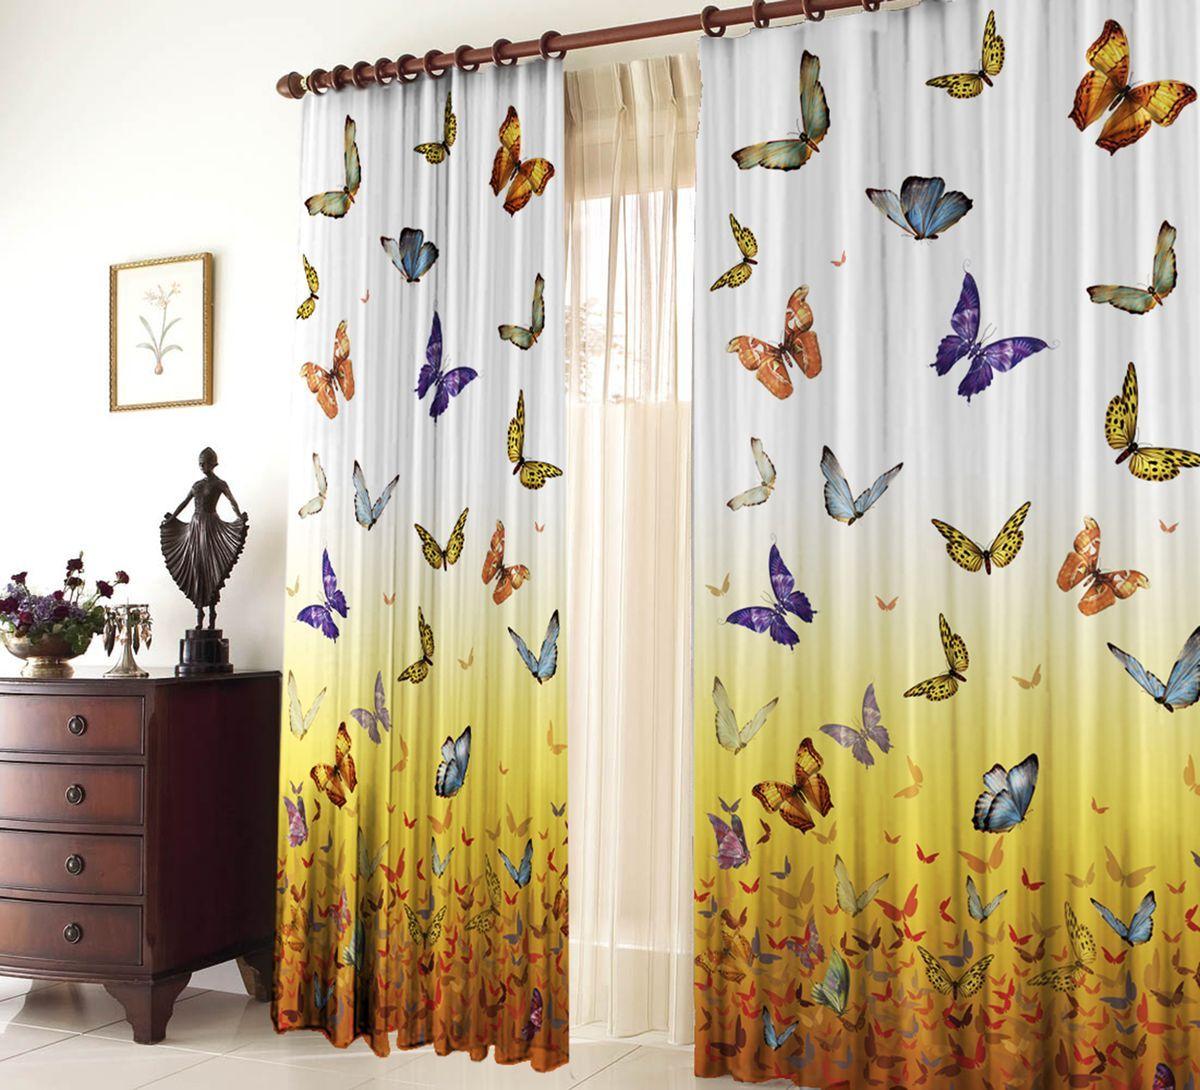 Комплект фотоштор Zlata Korunka Butterfly, на ленте, высота 270 см1004900000360Комплект фотоштор Zlata Korunka изготовлен из габардиновой ткани высочайшего качества. Фотошторы способны не пропускать самый яркий свет, их можно гладить и стирать. Рекомендации по уходу: бережная стирка при 30°С, деликатный отжим, отбеливание запрещено, гладить при температуре не более 150°С. Светопоглощение 70%. Плотность ткани: 150 г/м2. Оттенок изделия может отличаться от представленного на сайте в силу особенностей цветопередачи фототехники и вашего монитора.